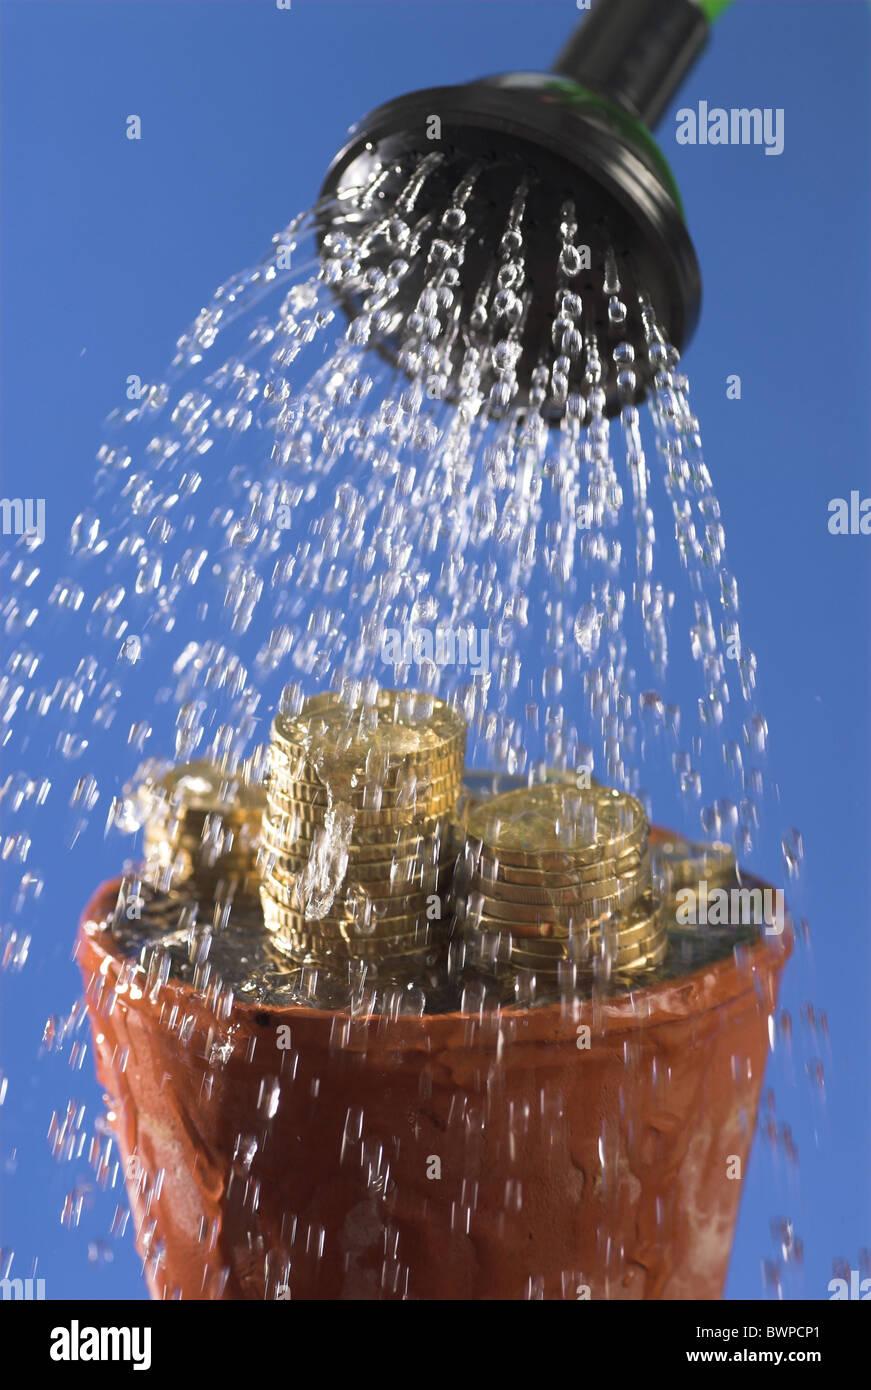 Geldwäsche-Symbol Konzept Blumentopf Münzen Münzen Währung Wasser Dusche Duschen Sprinkler Finance Stockbild